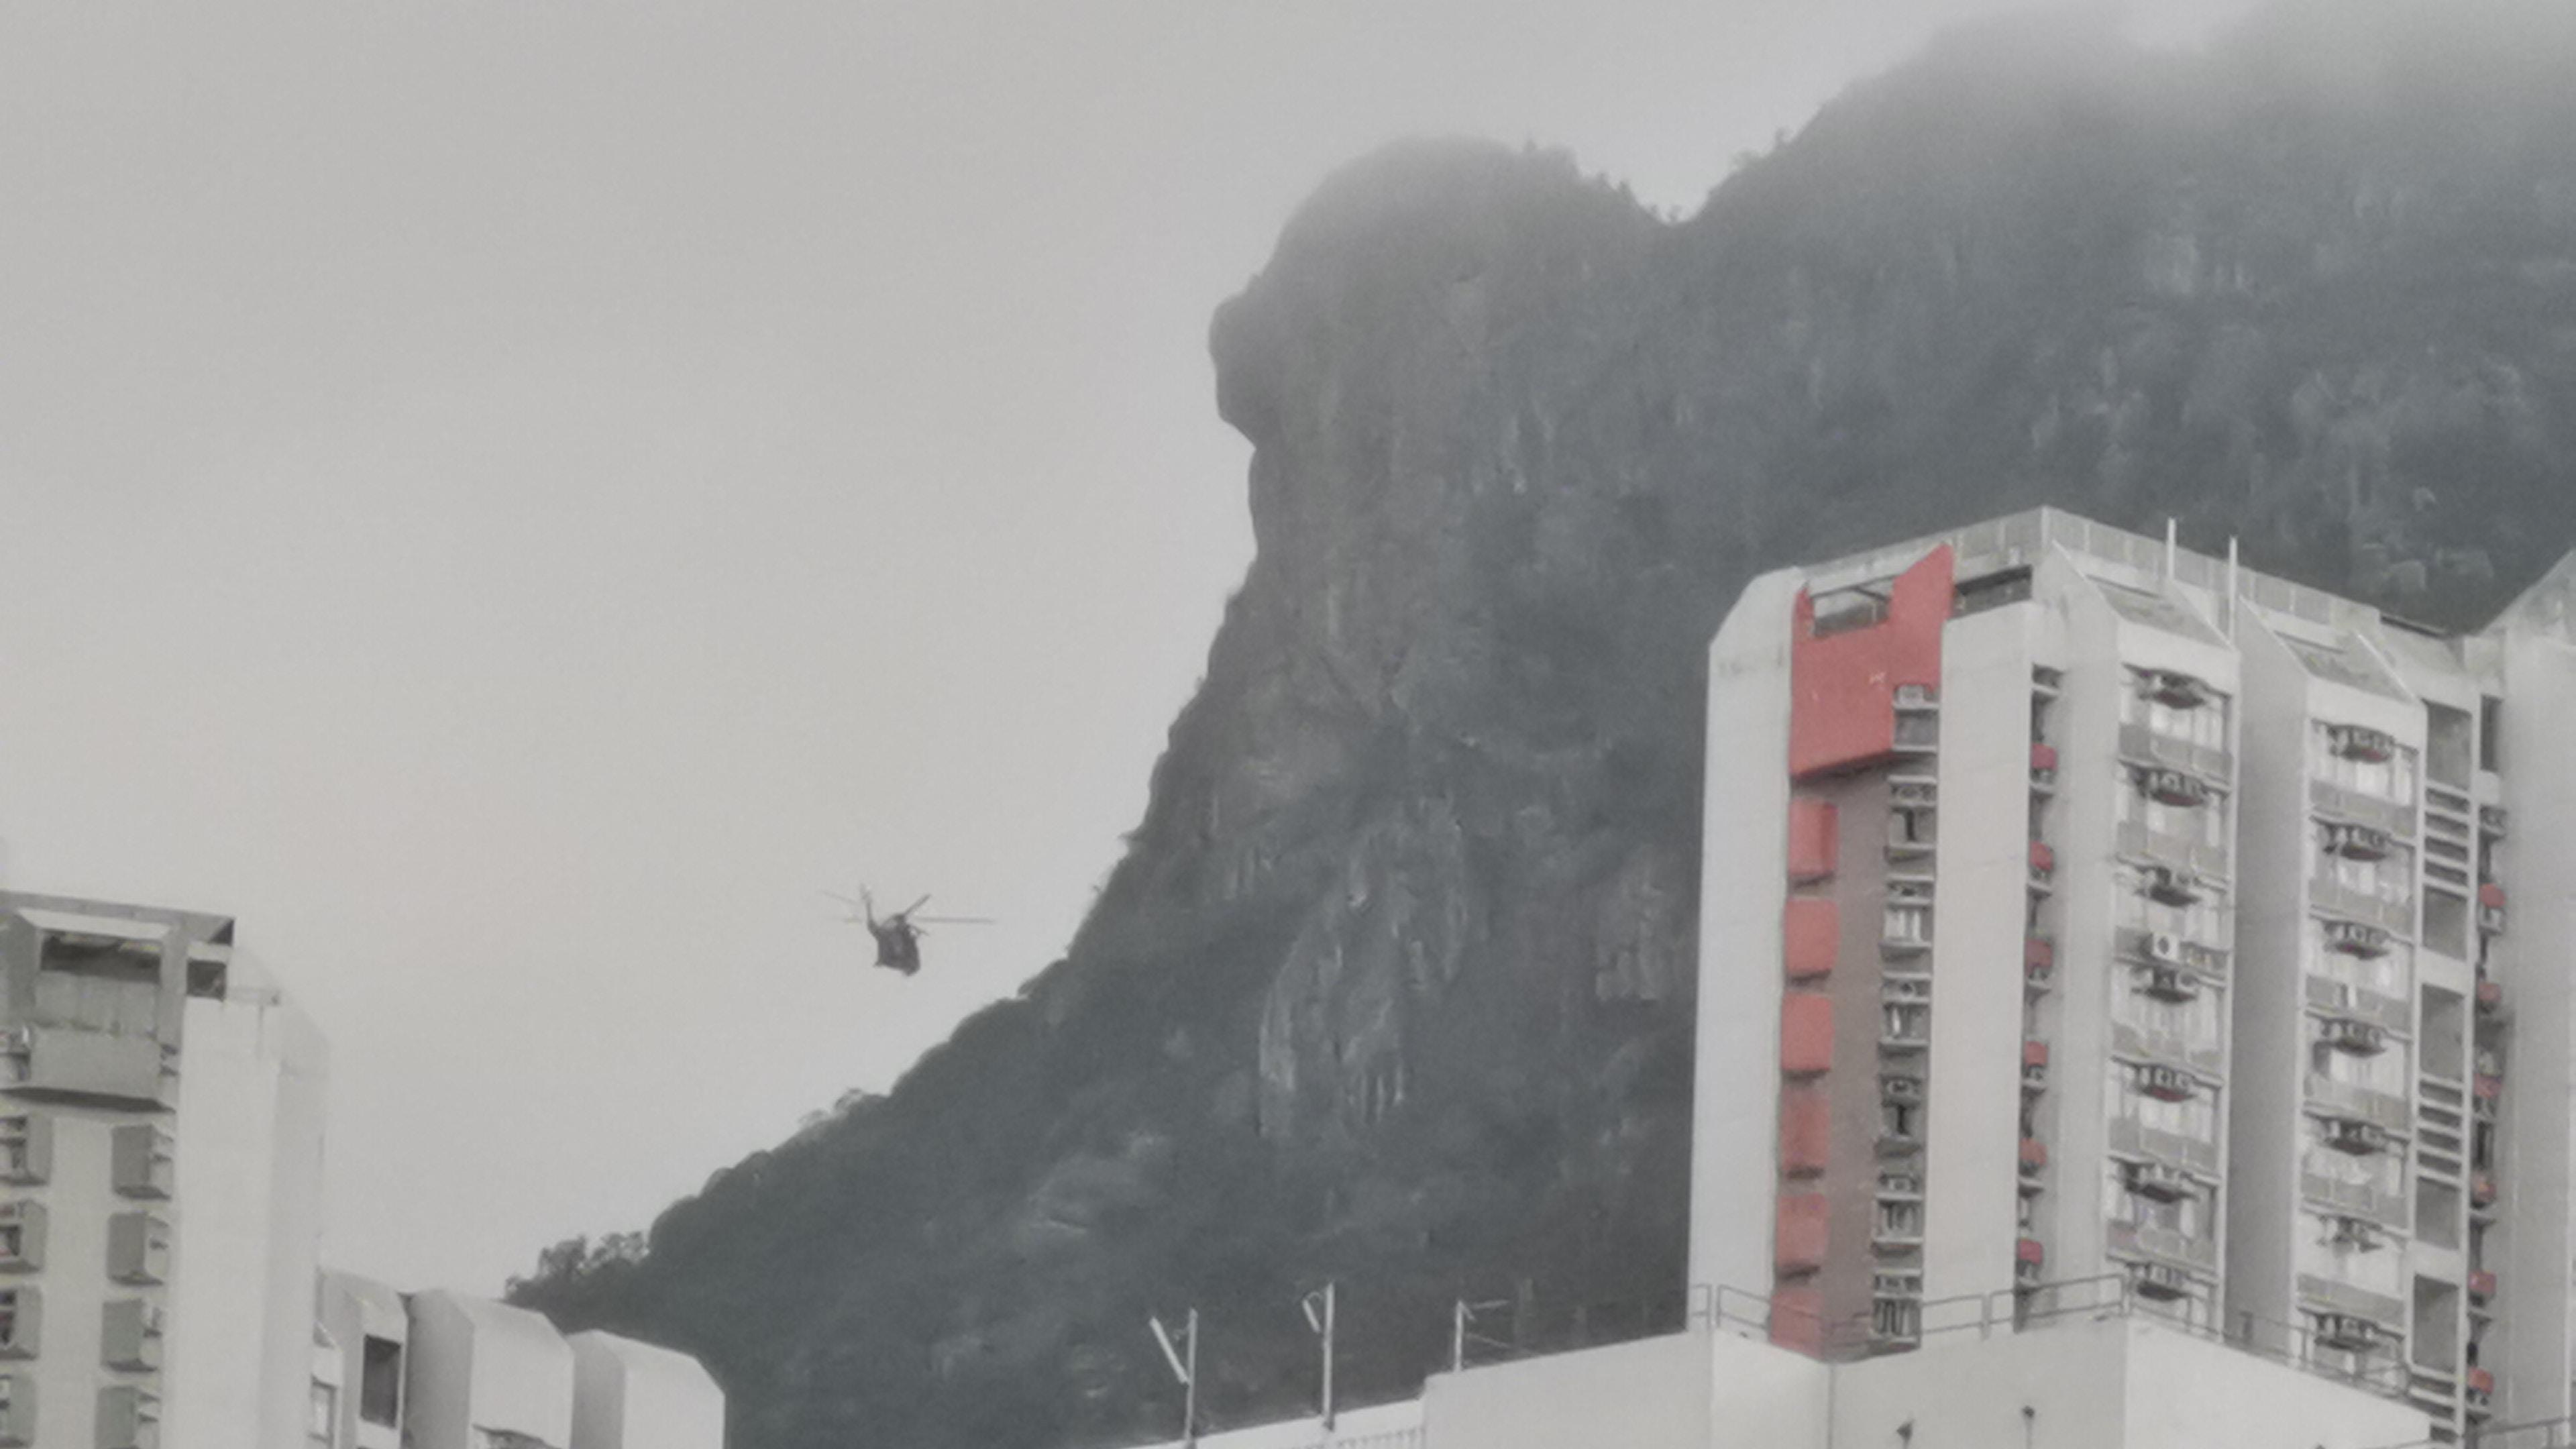 56歲行山婦獅子山墮崖30米 直升機救起證實不治 香港01 突發